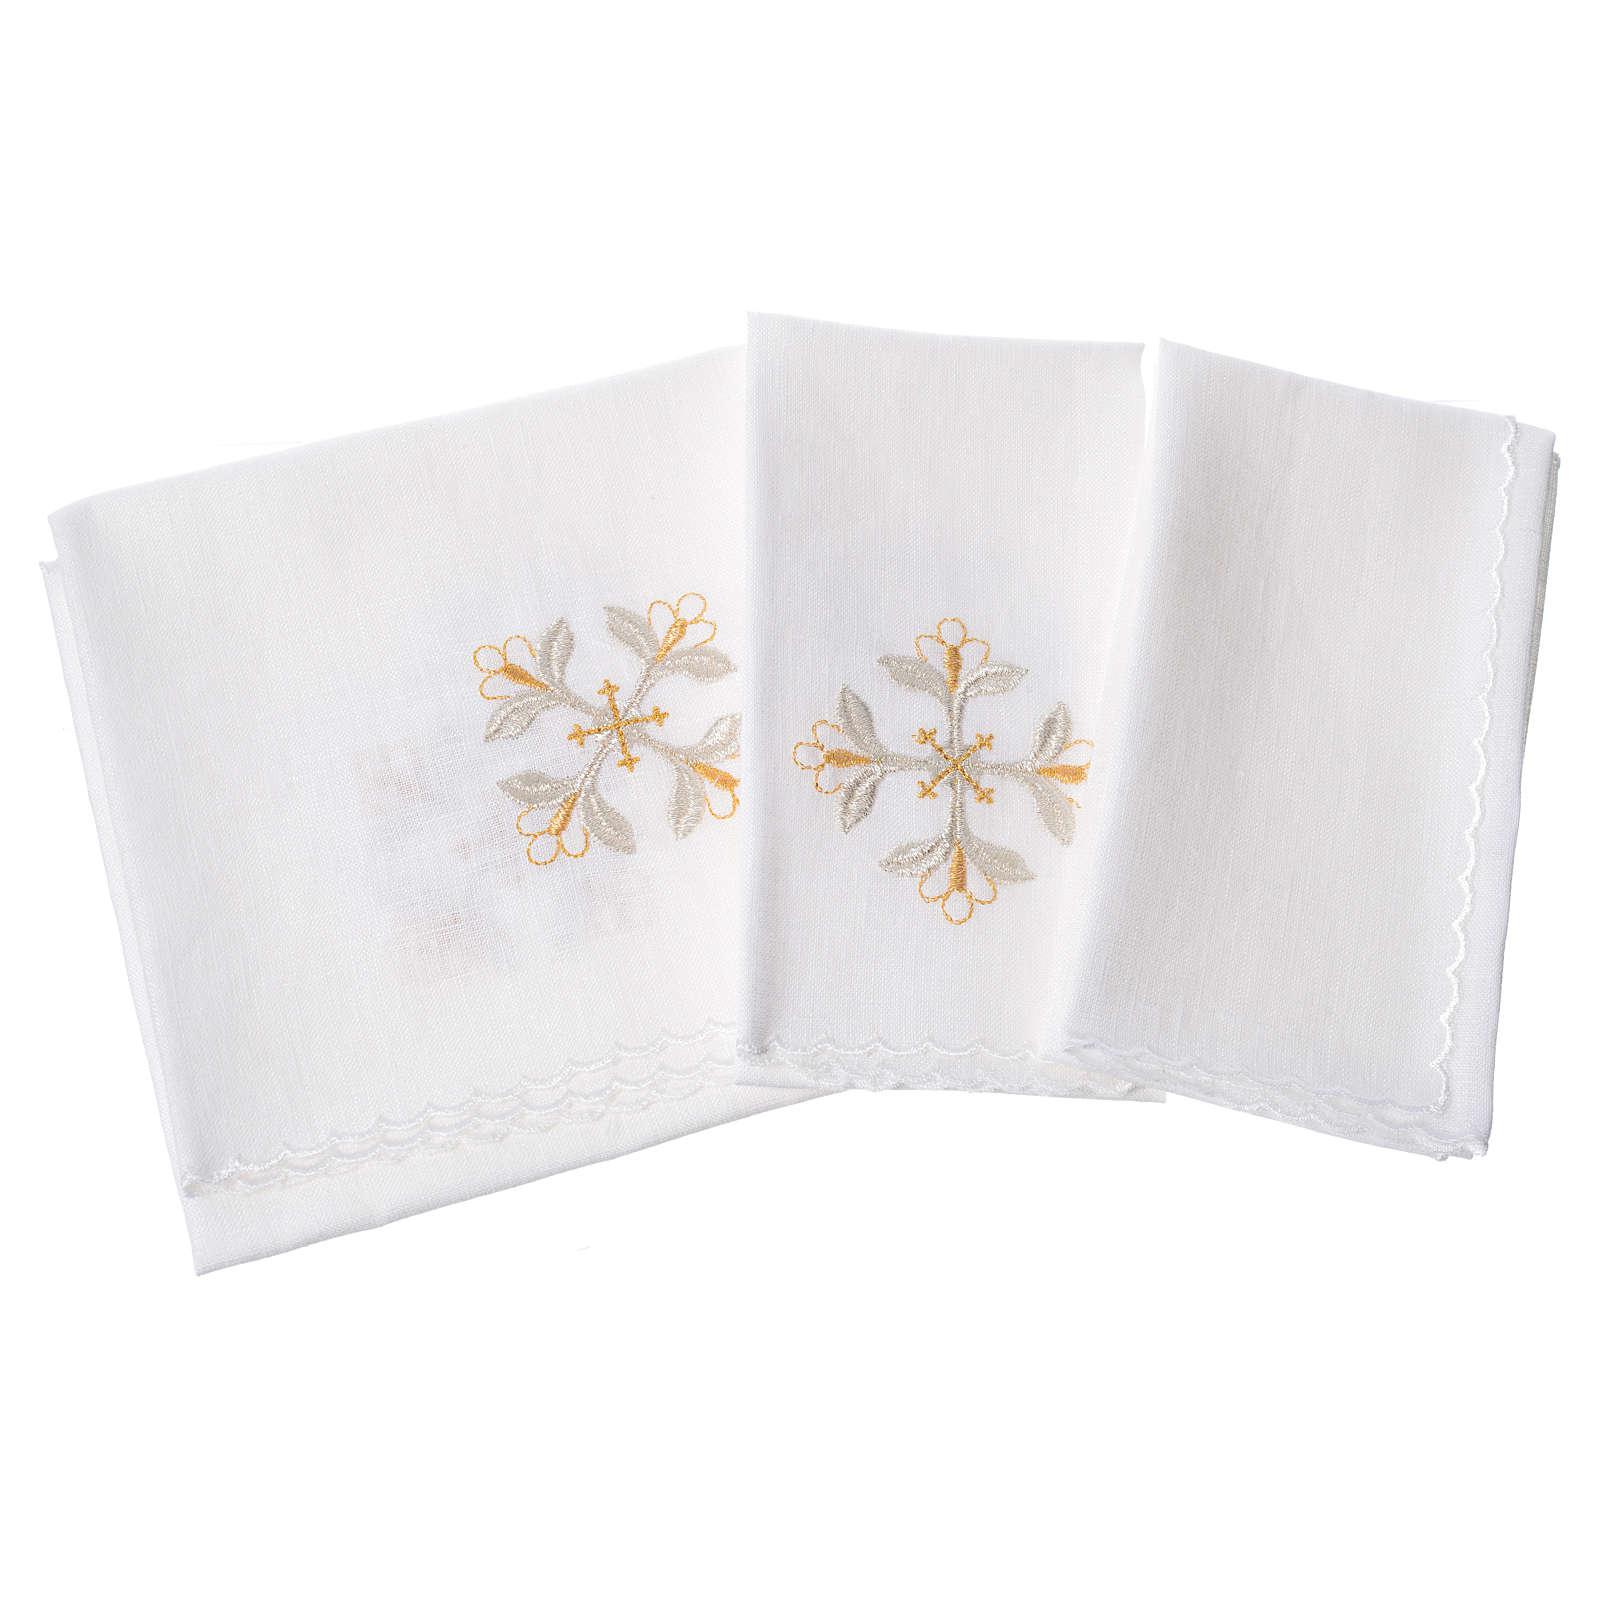 Servizio da messa 100% lino croce con fiori 4